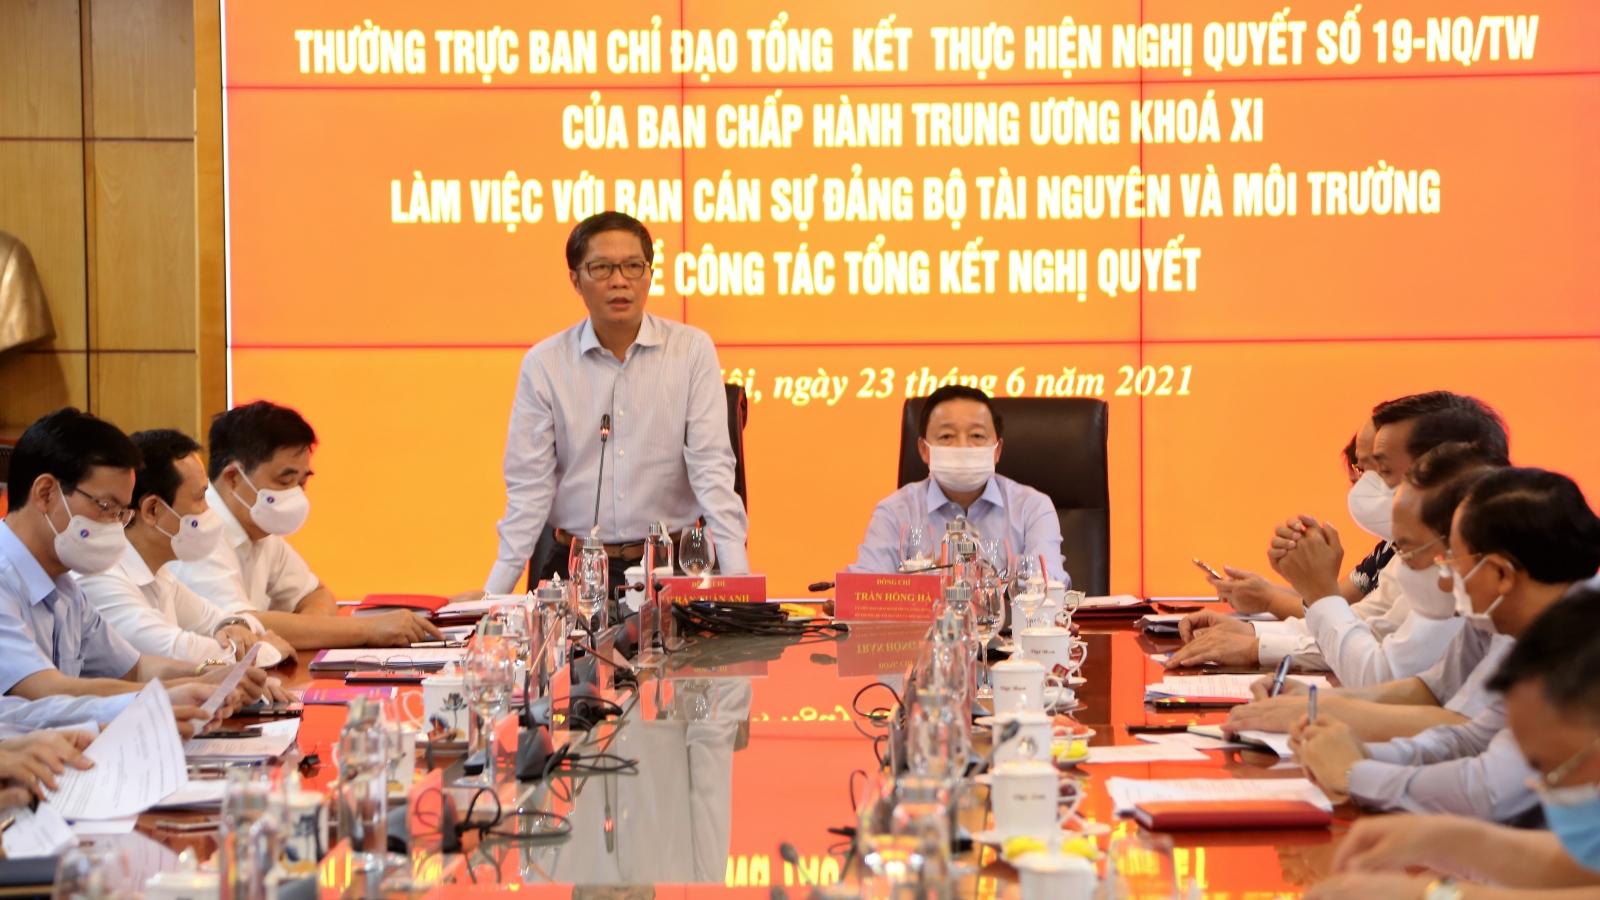 Bộ Tài nguyên và Môi trường cần vào cuộc quyết liệt hoàn thành các nội dung công việc